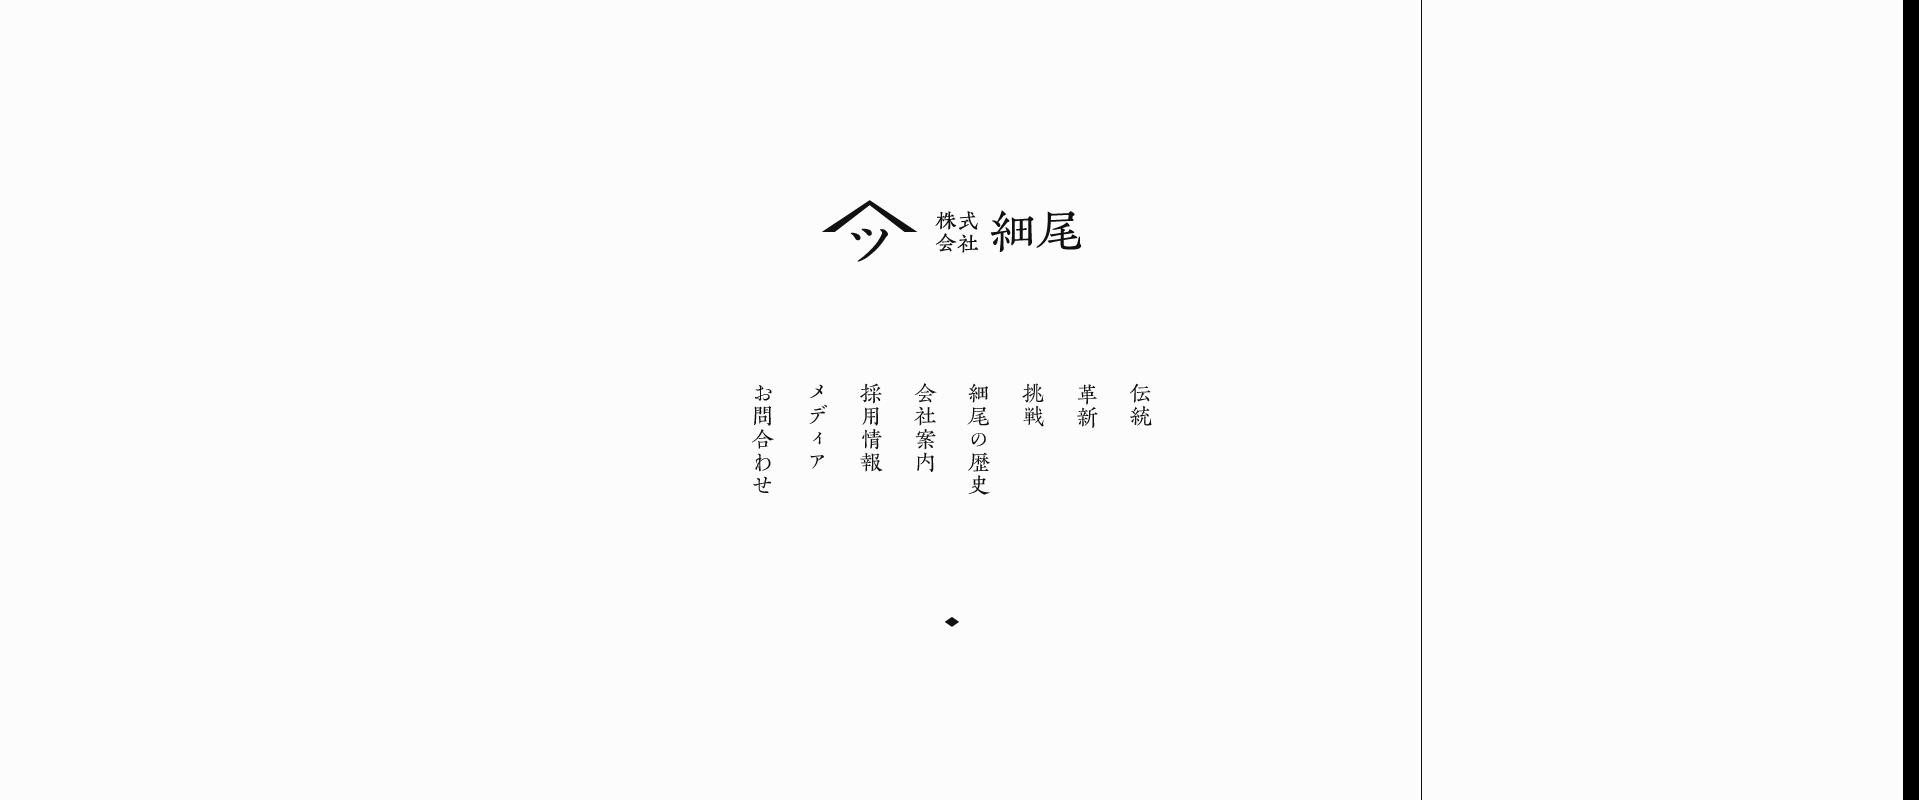 株式会社 細尾